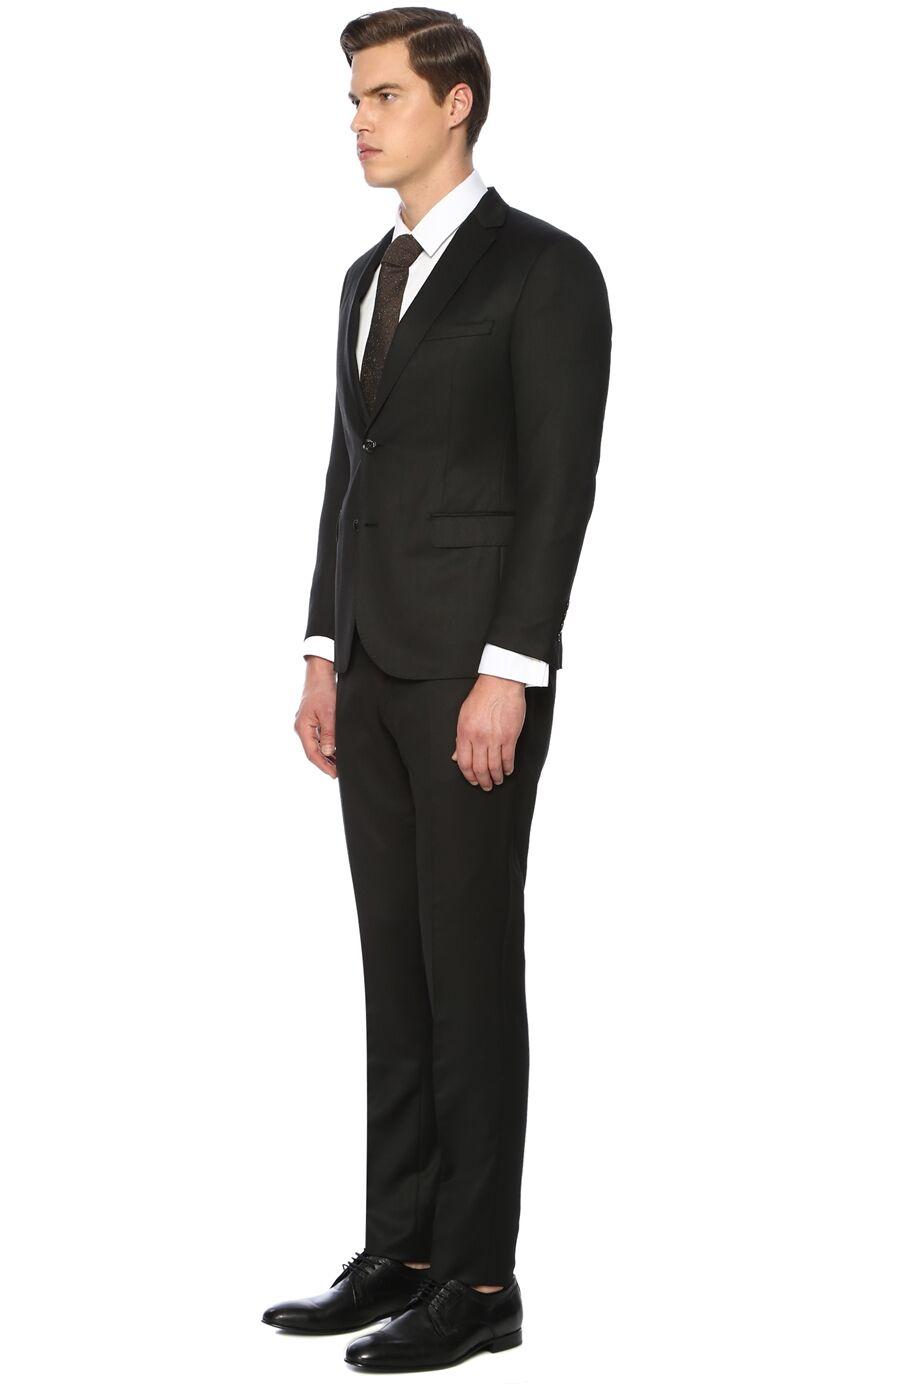 Mikro Slim Fit Siyah Takım Elbise